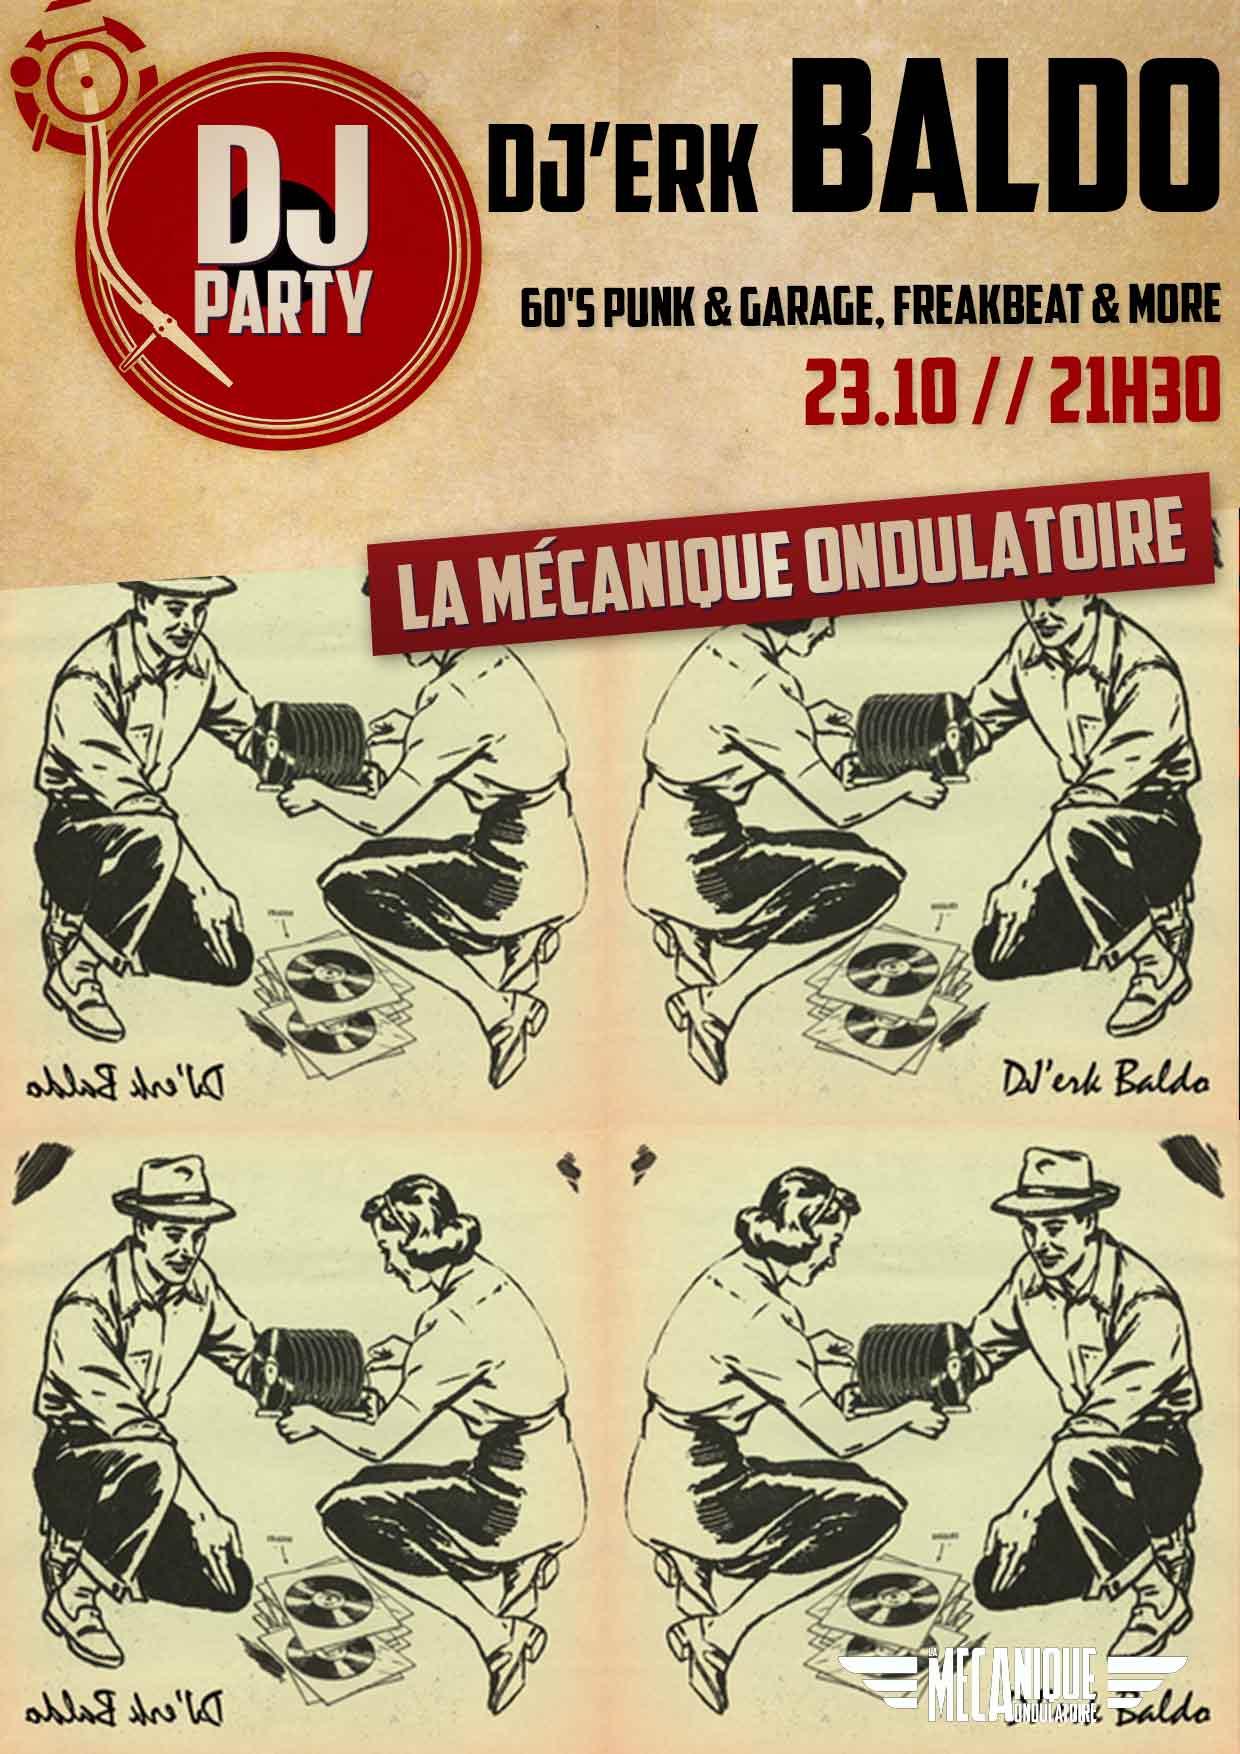 BALDO DJ SET // 23.10